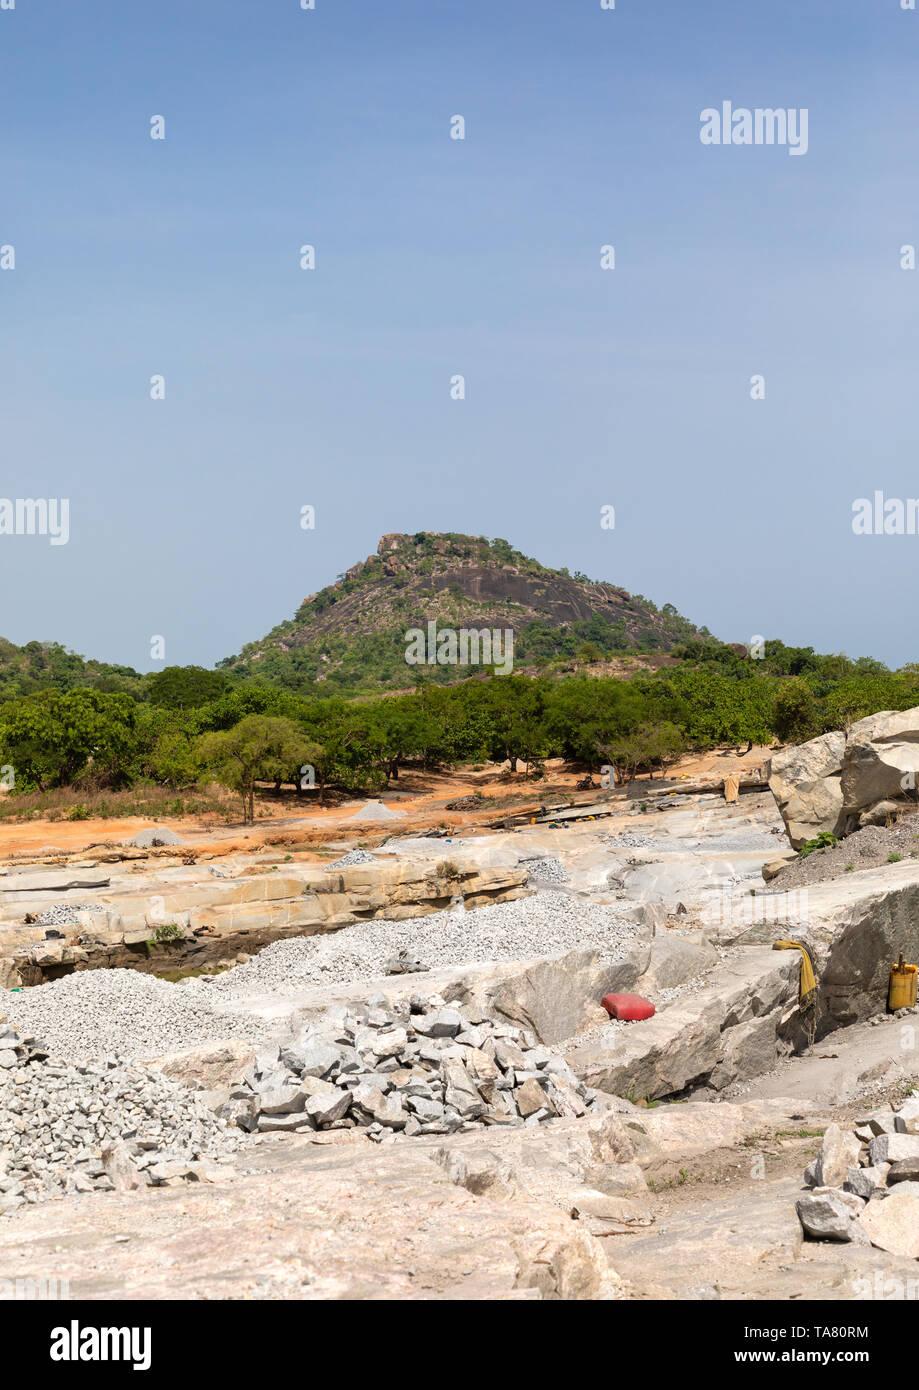 El pueblo africano trabajando en una cantera de granito, distrito, Shienlow Savanes, Costa de Marfil Foto de stock